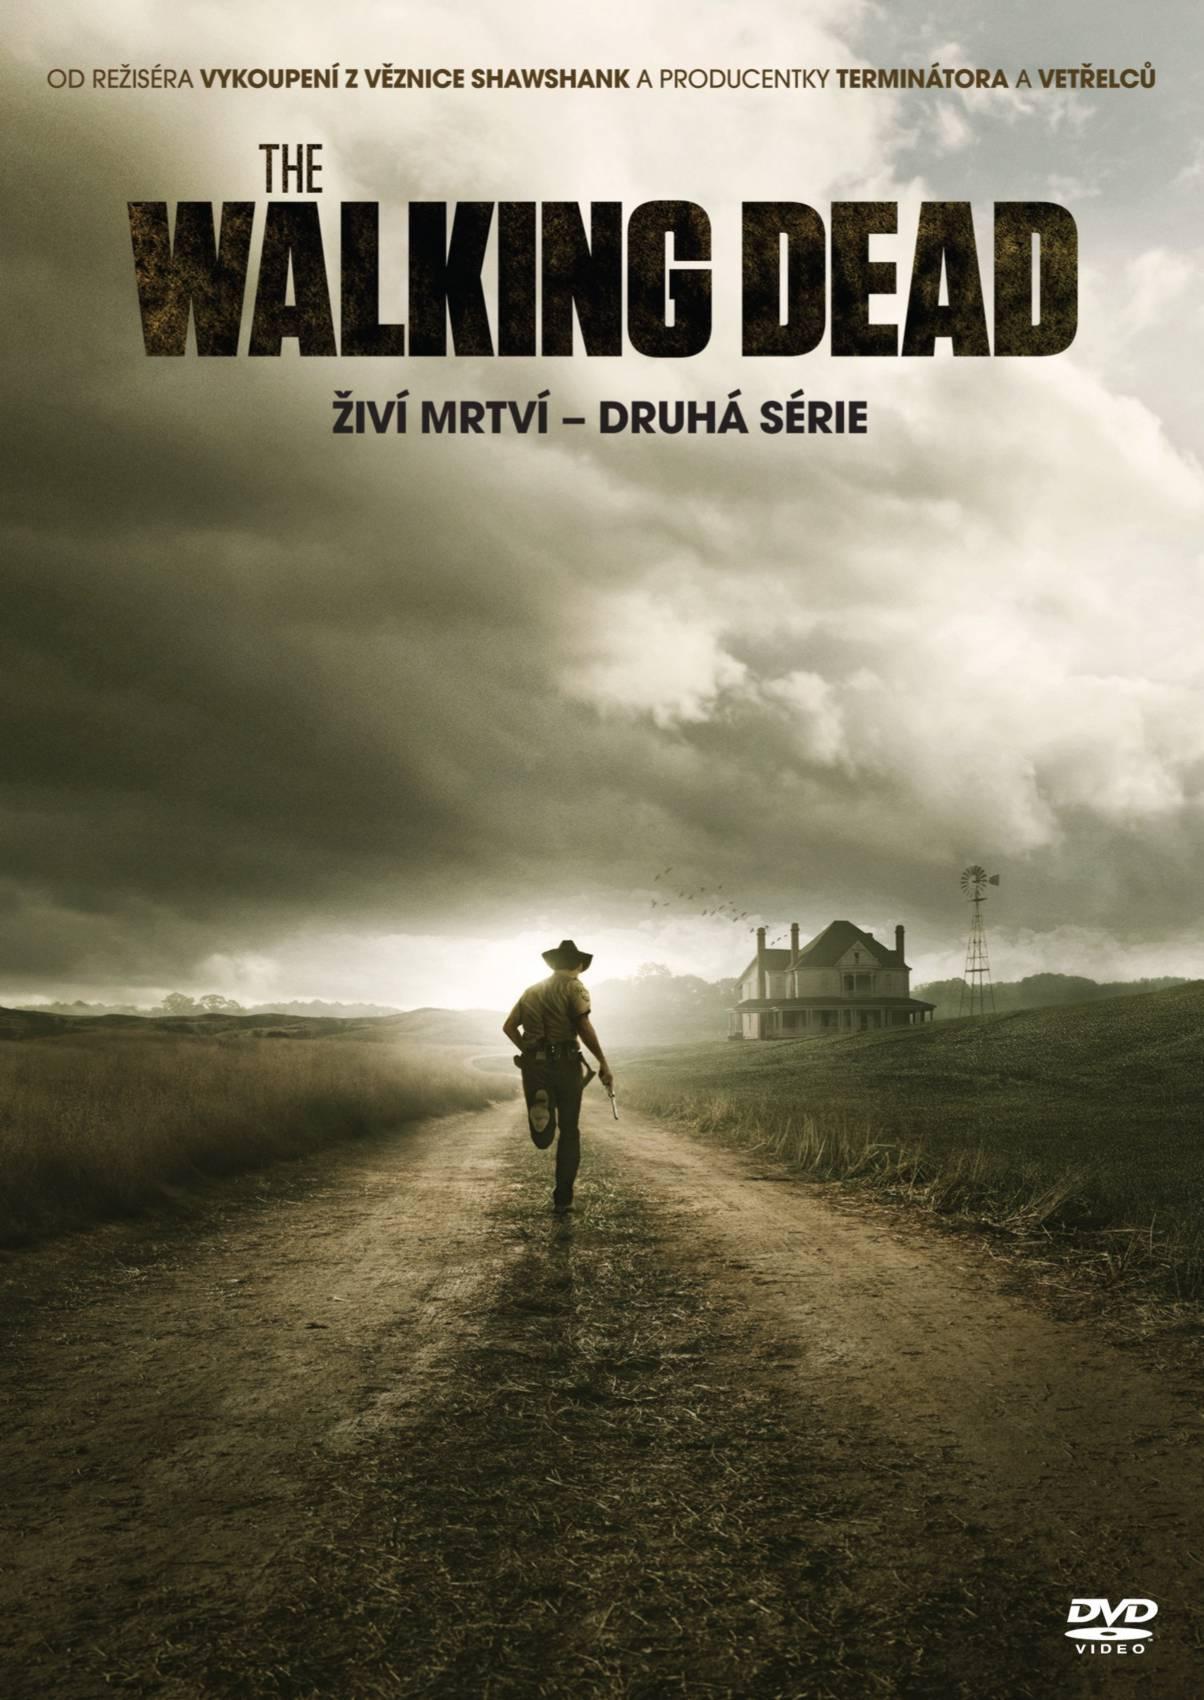 ŽIVÍ MRTVÍ (The Walking Dead) 2. SÉRIE - 4 DVD